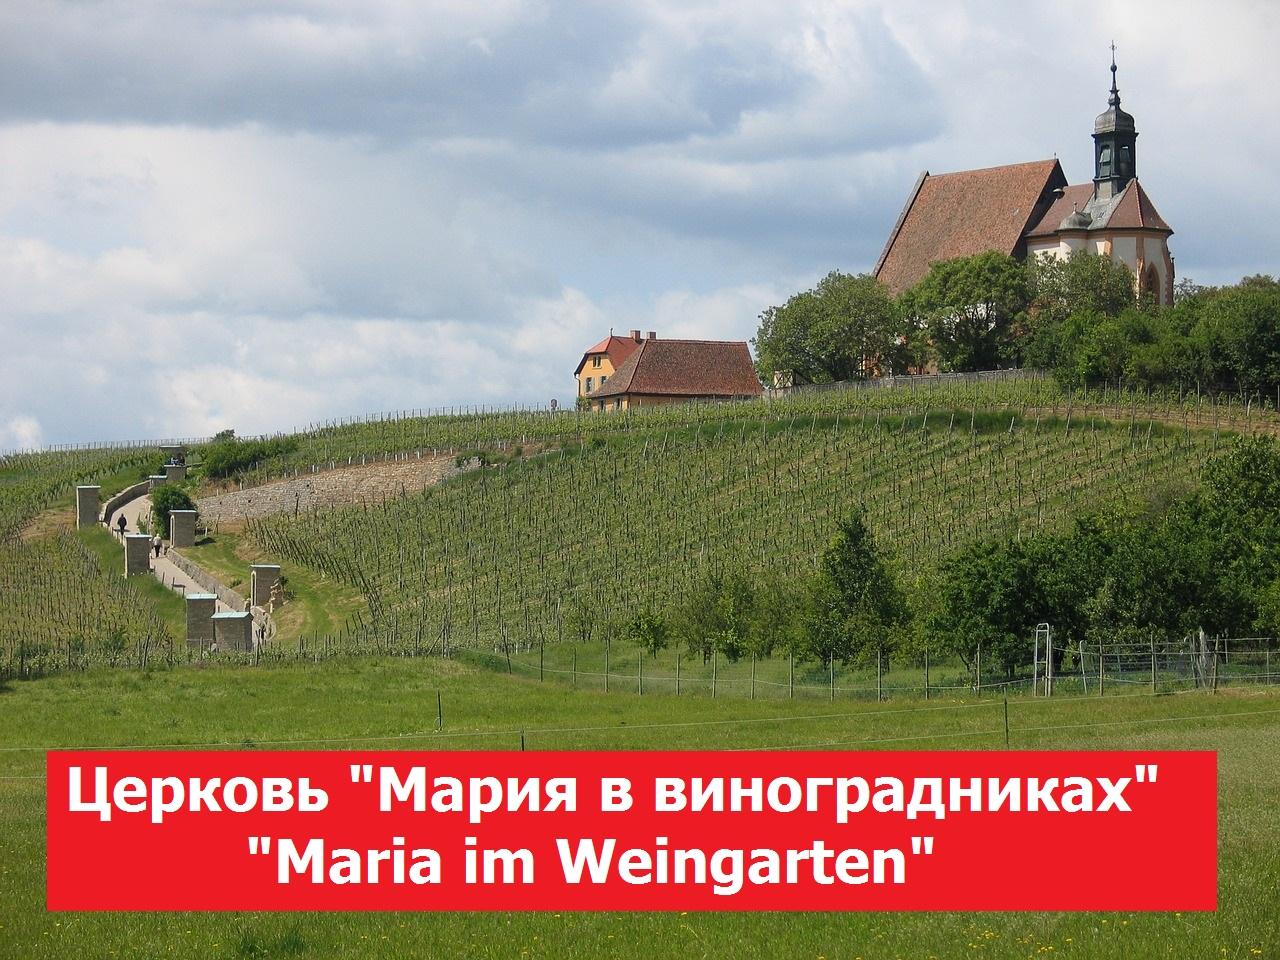 Незнаменитые достопримечательности Баварии: франконское вино, извивы Майна, старинные поезда